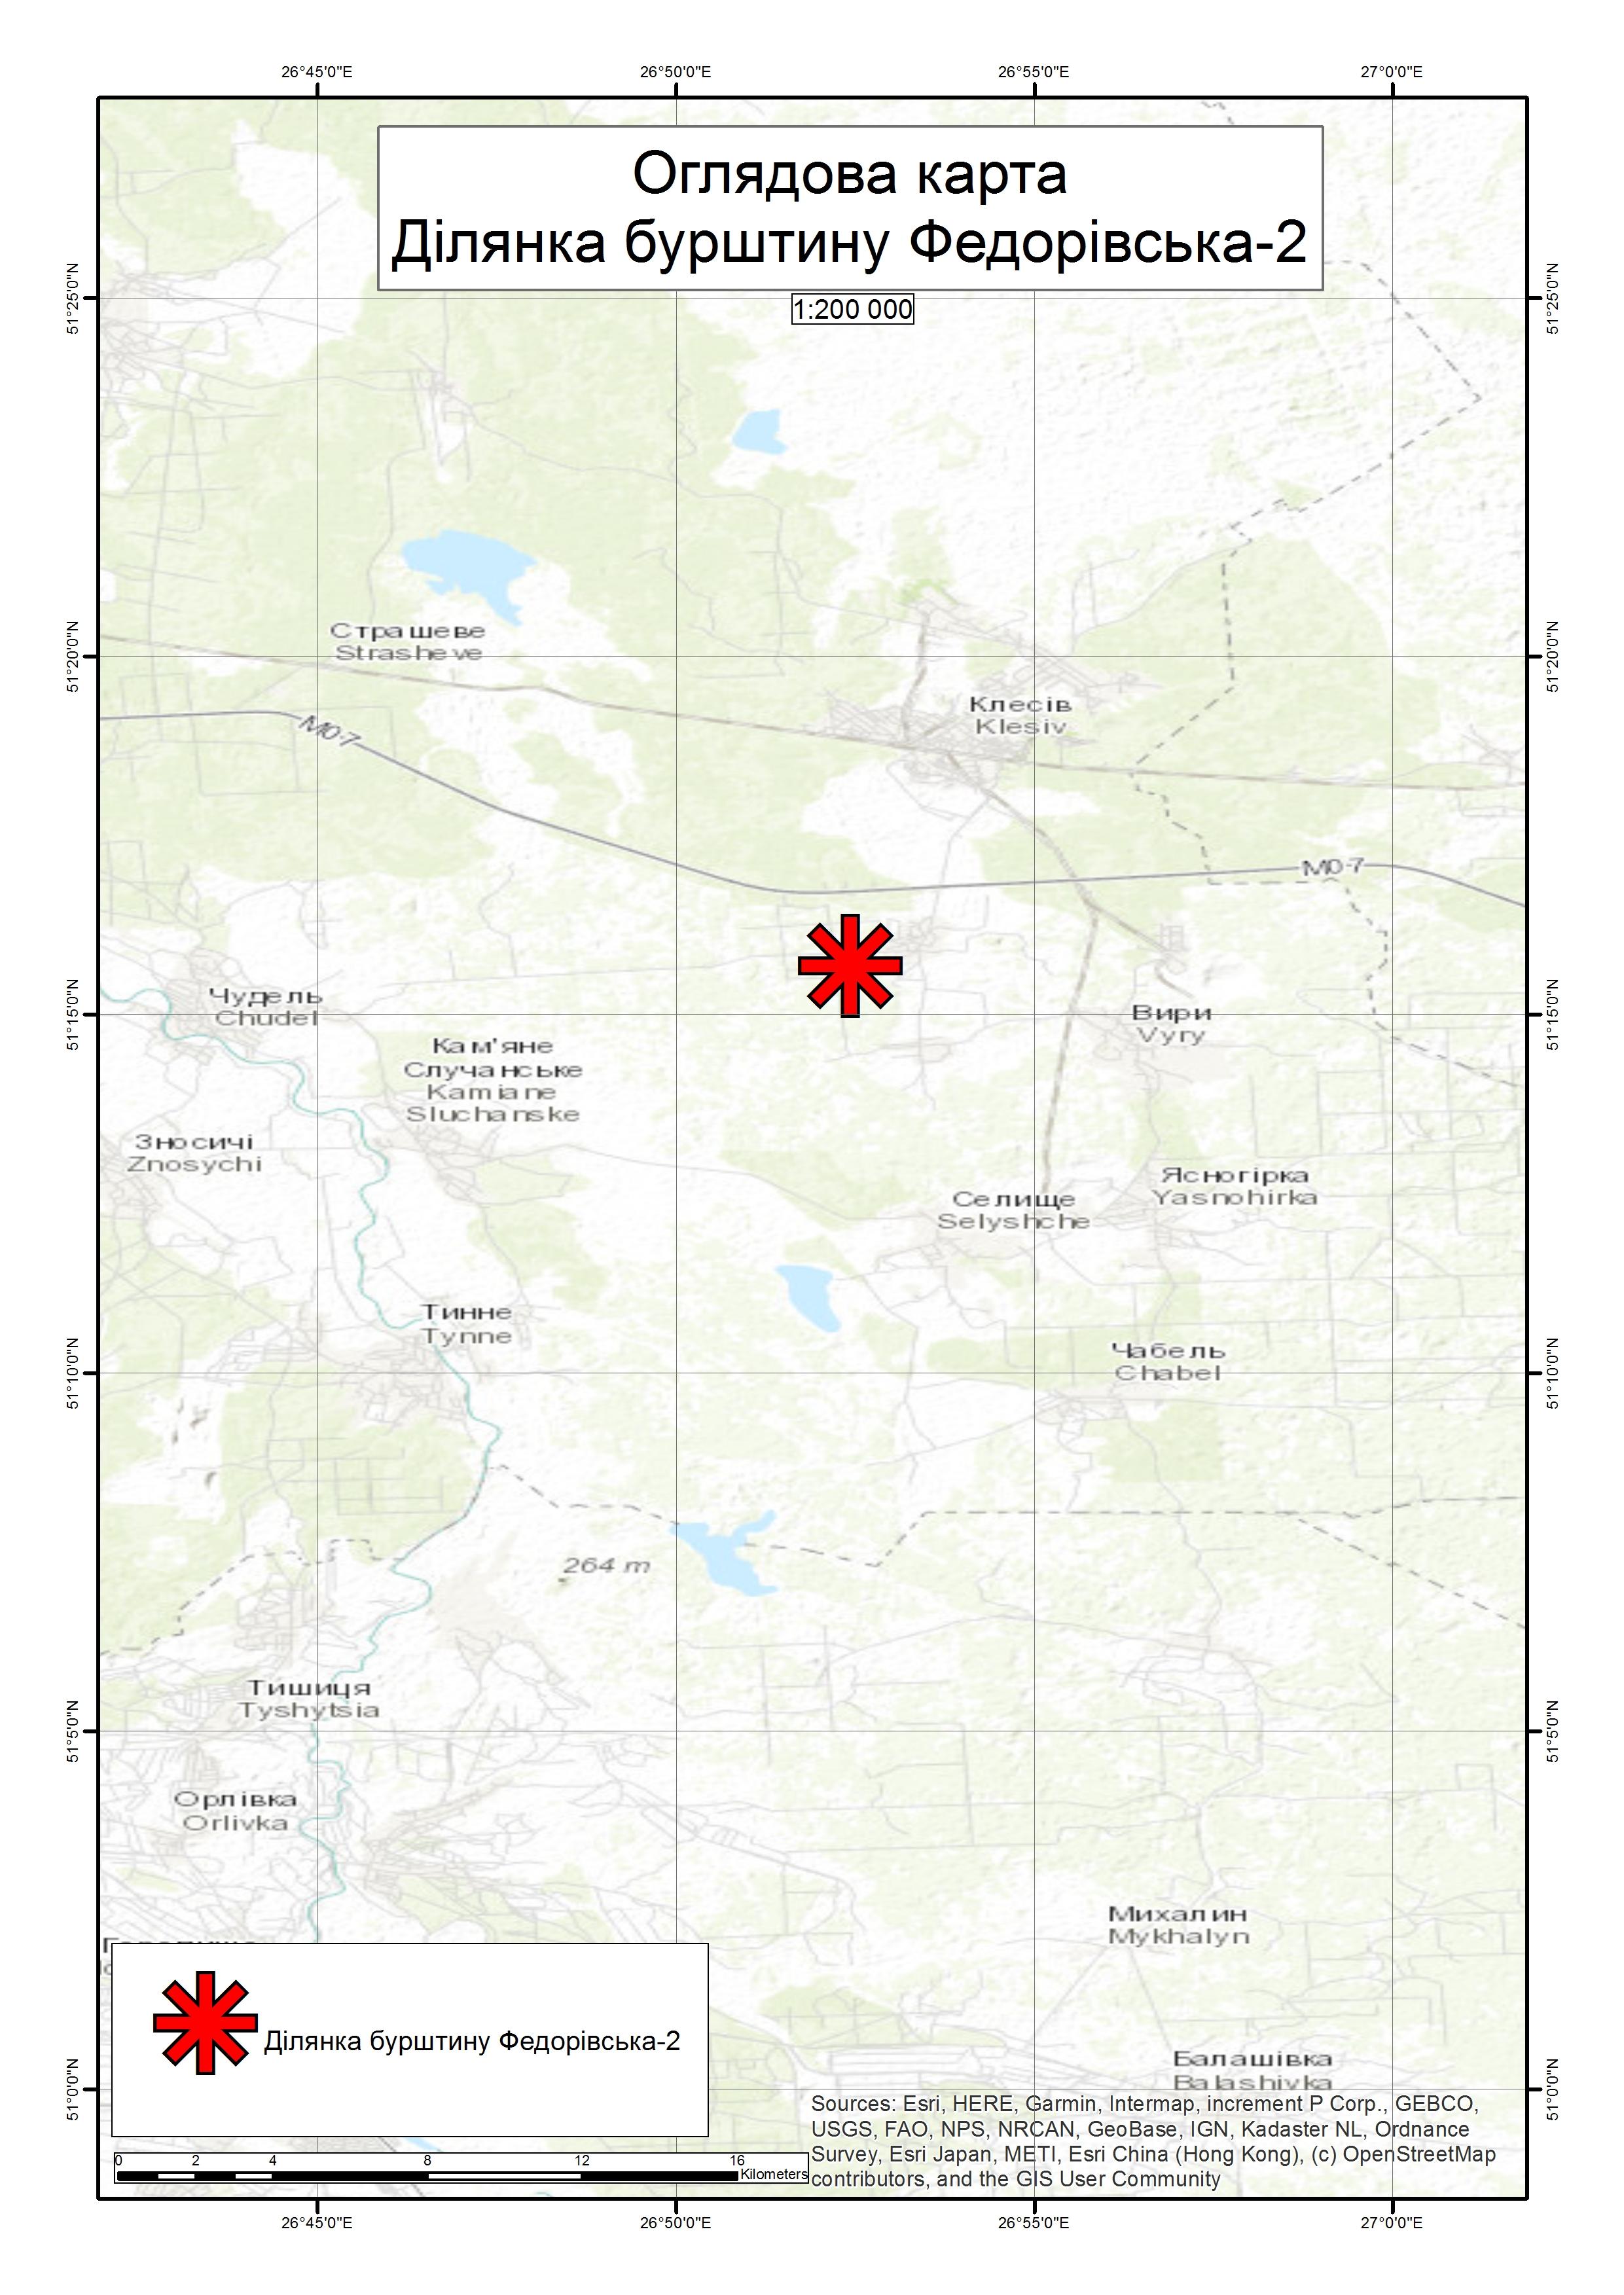 Спеціальний дозвіл на користування надрами – Ділянка Федорівська-2. Вартість геологічної інформації – 101 295,22 грн (з ПДВ). Вартість пакету аукціонної документації – 10 438,27 грн (з ПДВ).